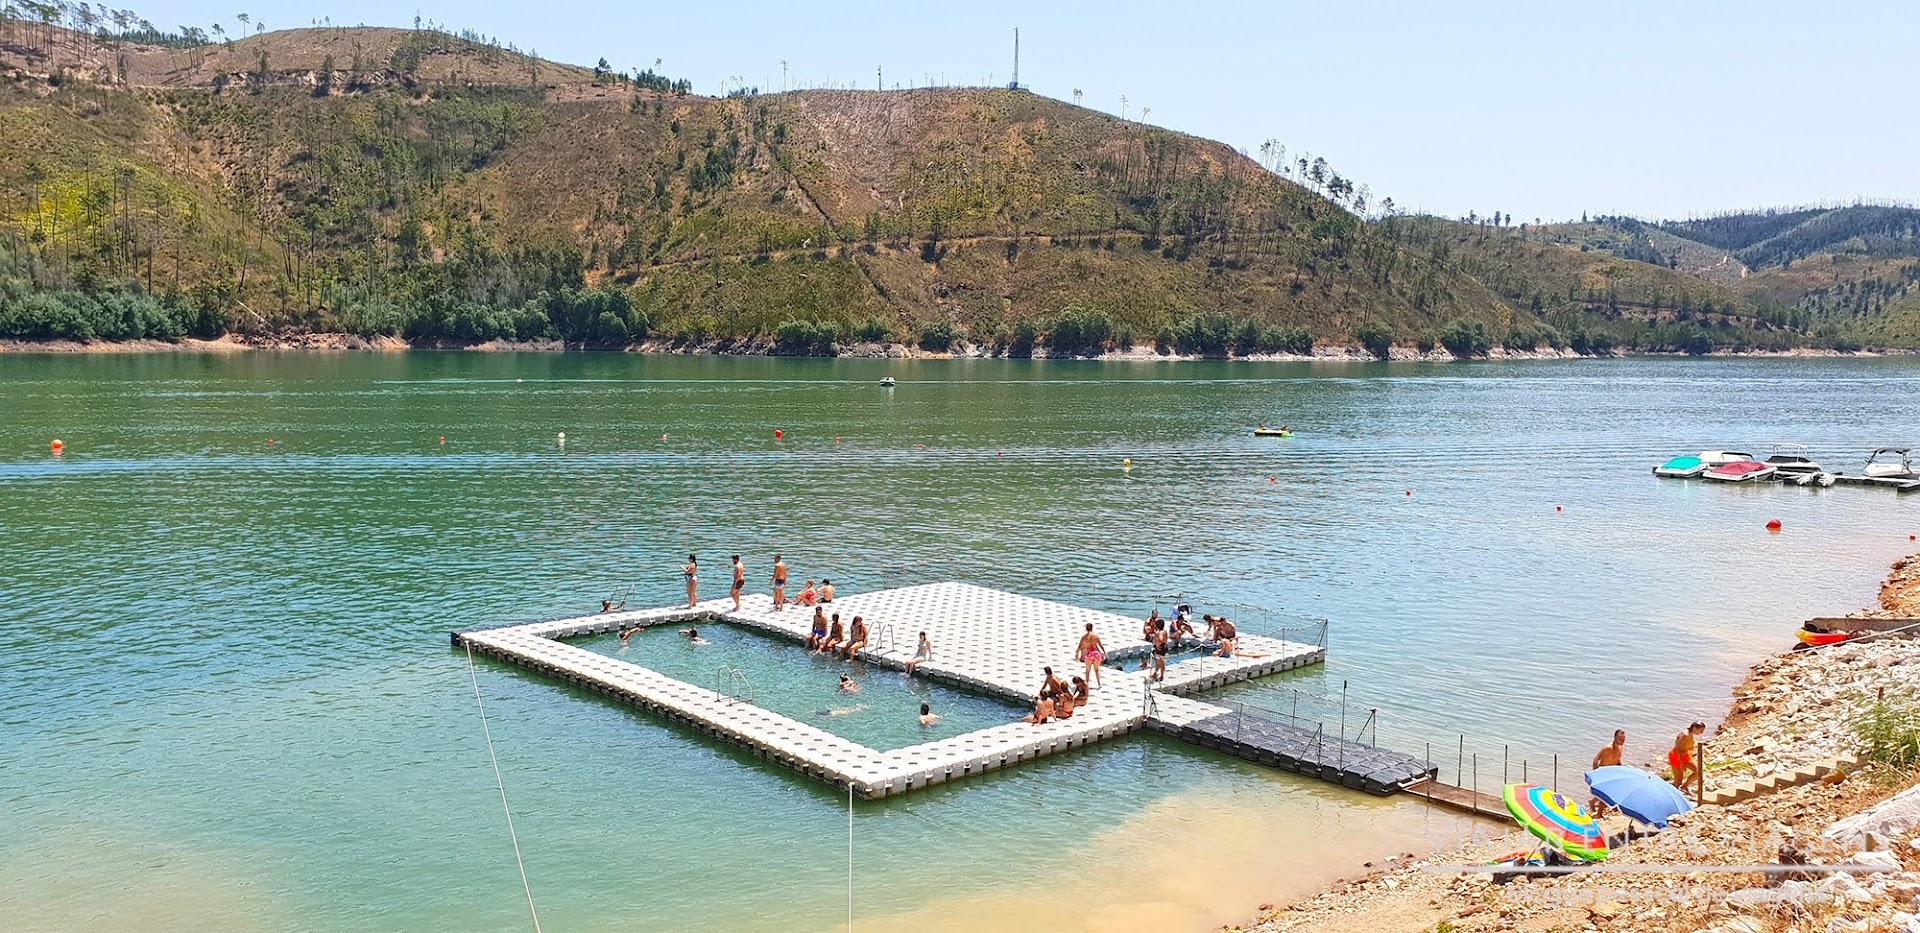 piscina fluvial flutuante do Lago Azul